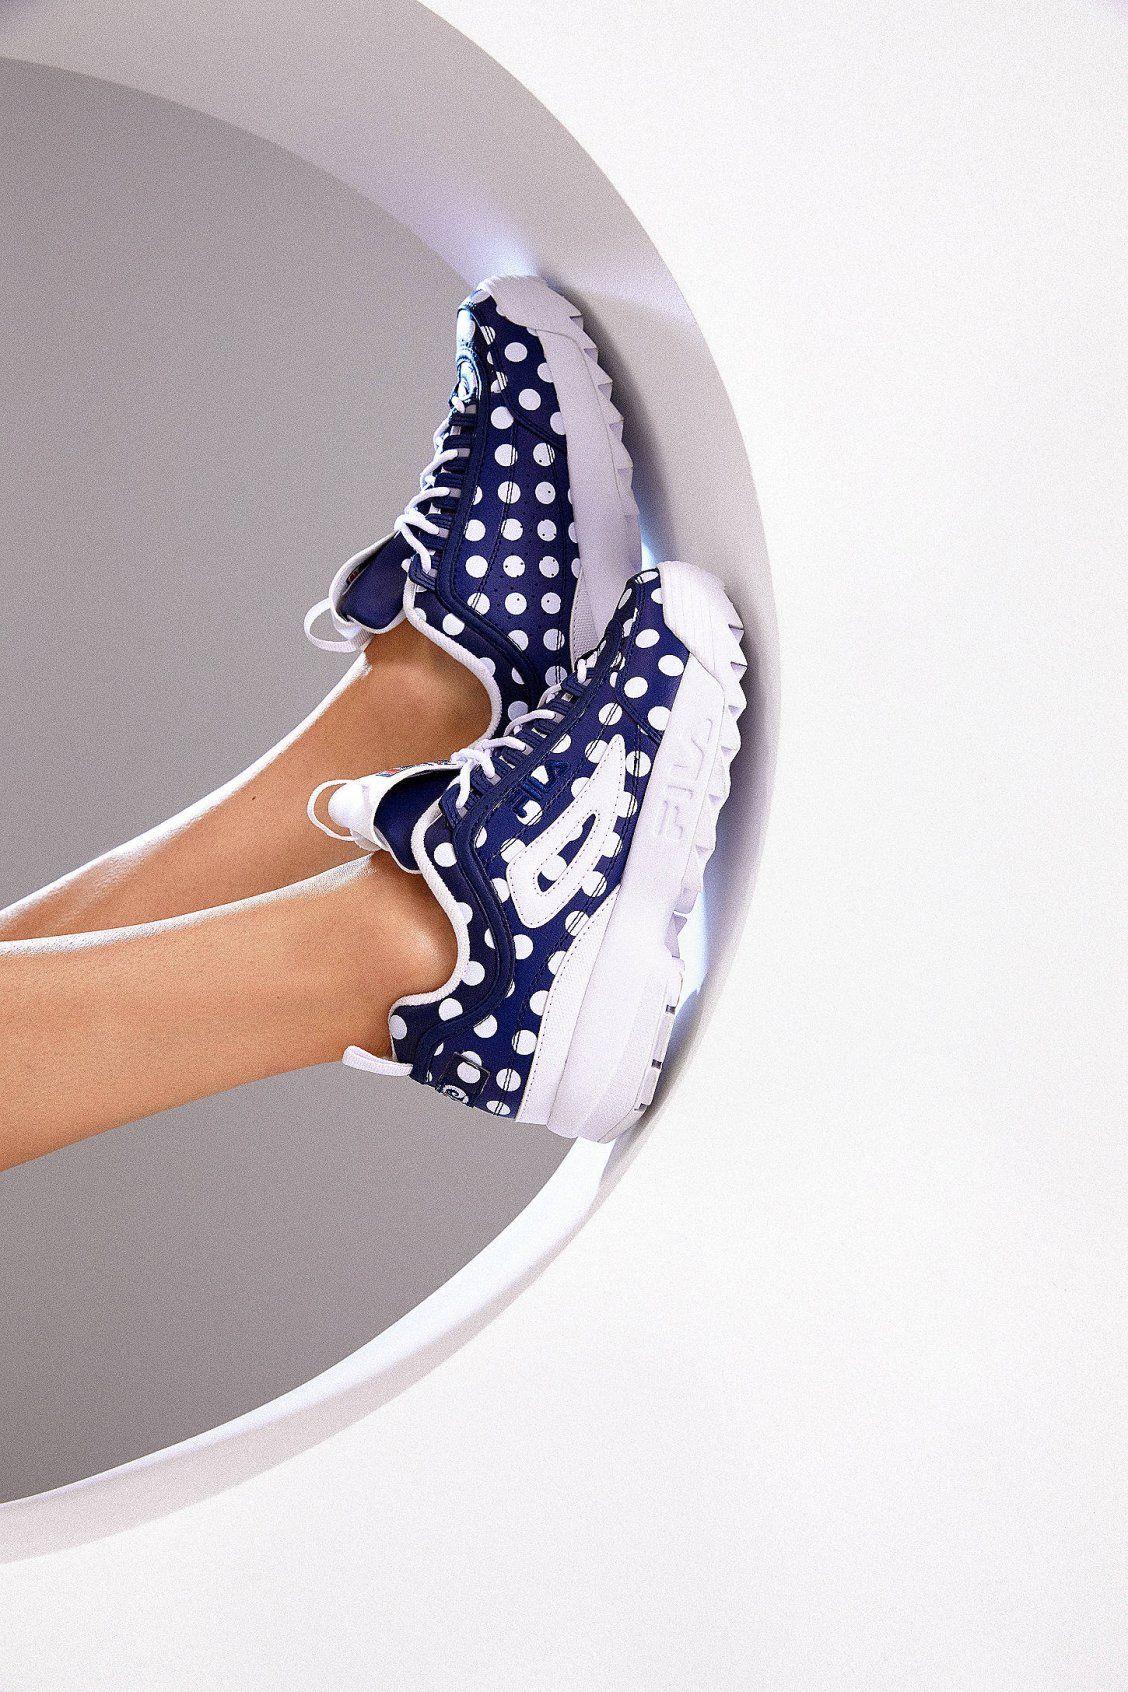 833242ded028 FILA + Pierre Cardin UO Exclusive Disruptor 2 Polka Dot Sneaker ...